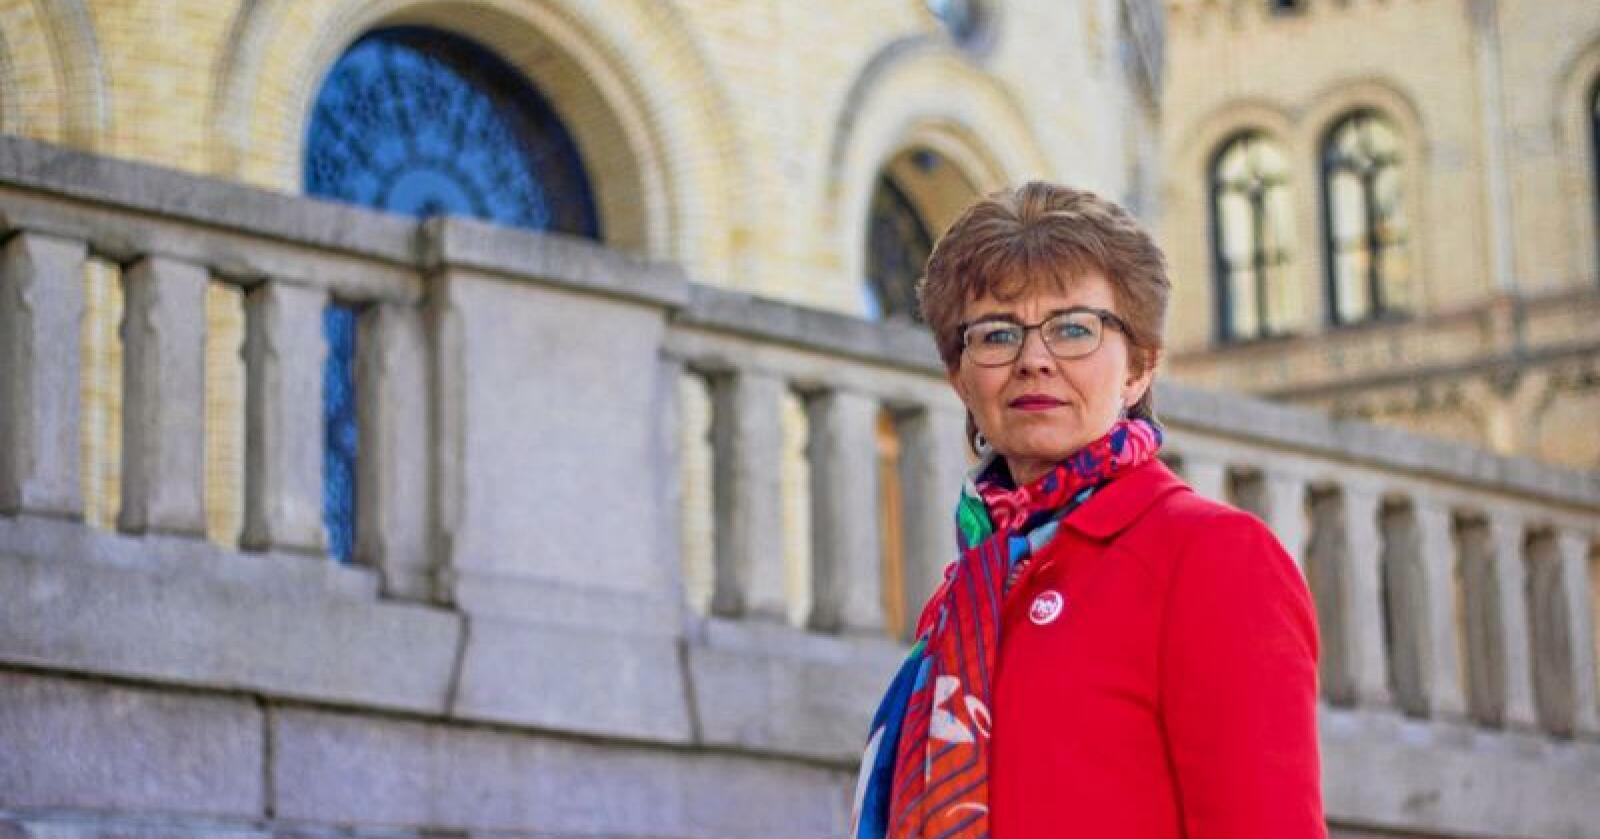 Leder i Nei til EU, Kathrine Kleveland, mener det er grunnlovsstridig når Norge knyttes til EUs energibyrå ACER. Foto: Nei til EU.